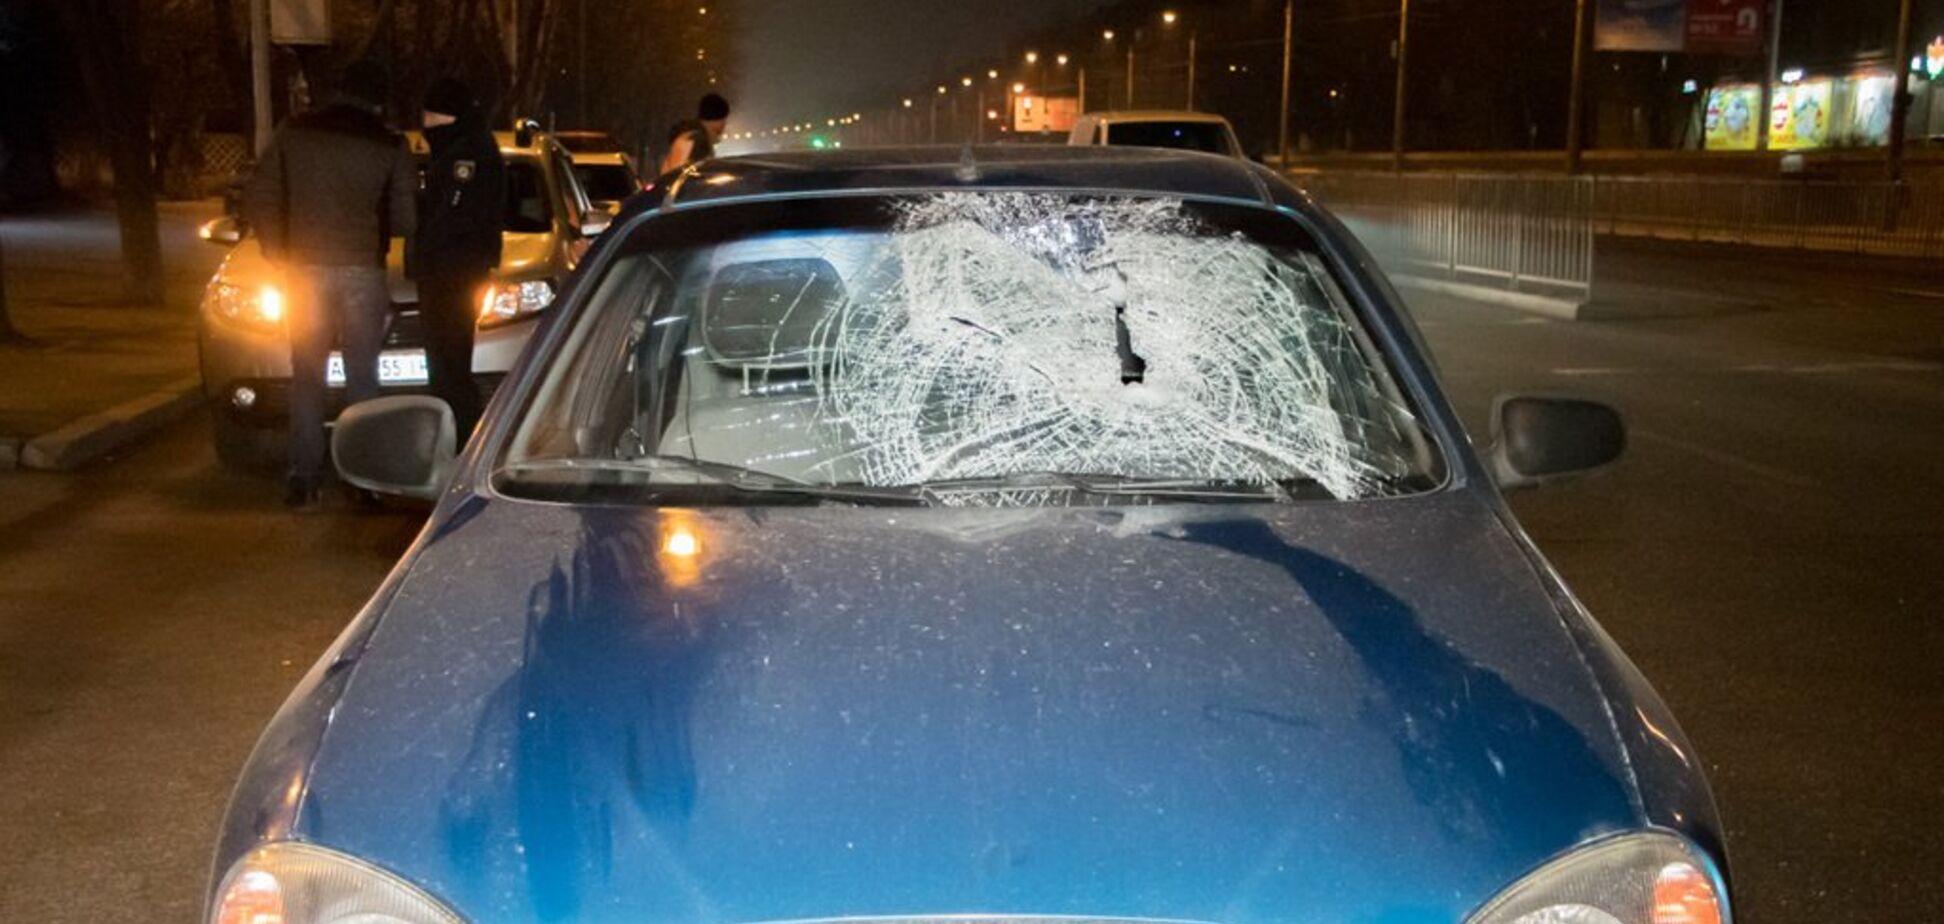 Переходил на 'красный': в Днепре водитель Daewoo сбил пешехода. Фото